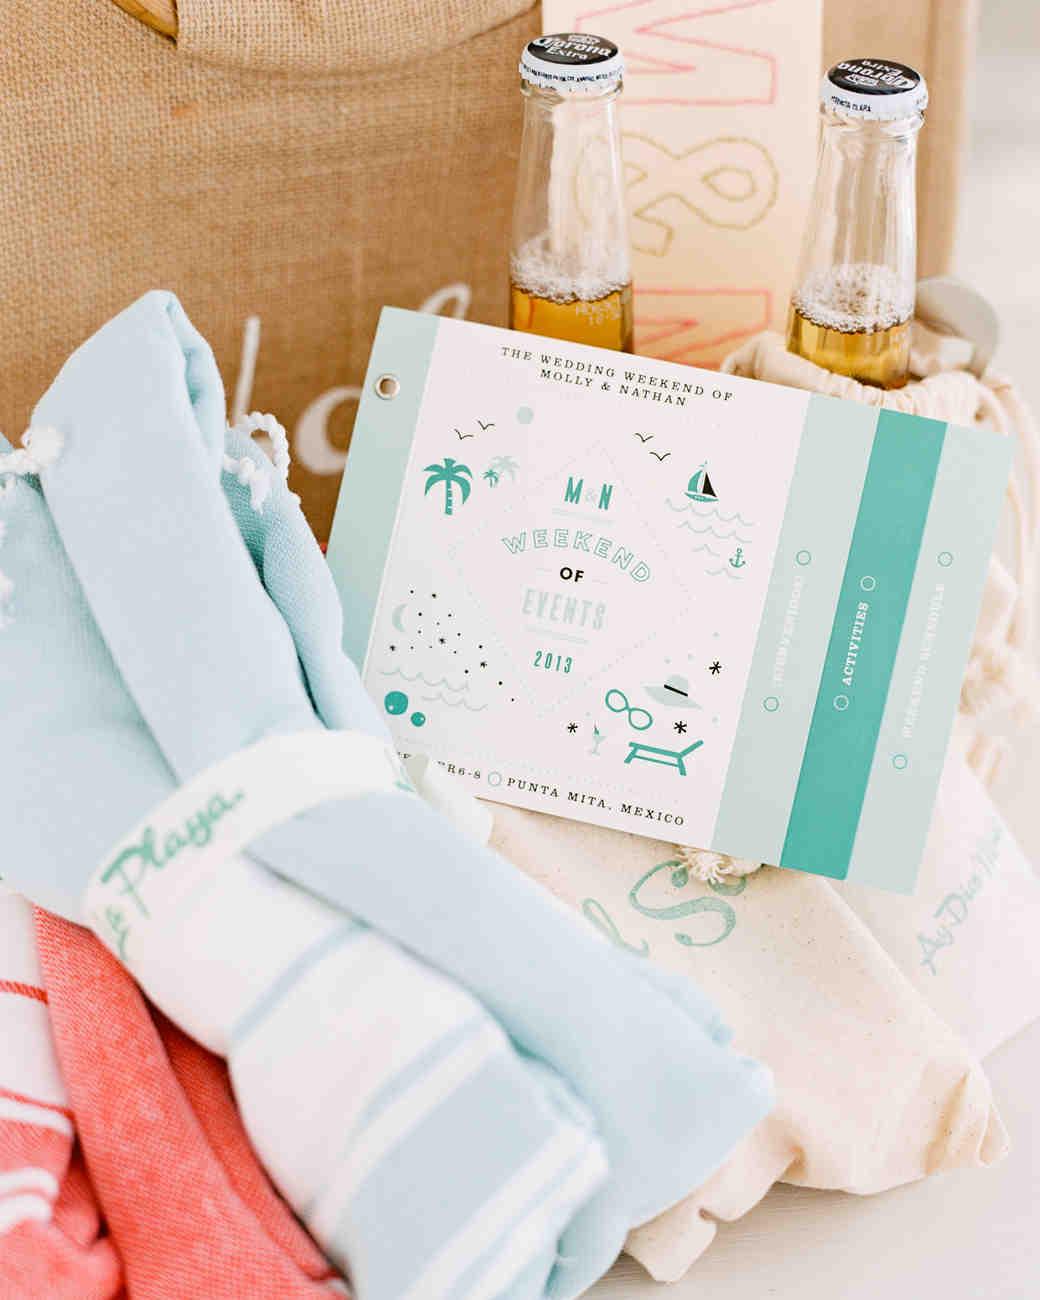 molly-nate-wedding-welcomebag-028-s111479-0814.jpg